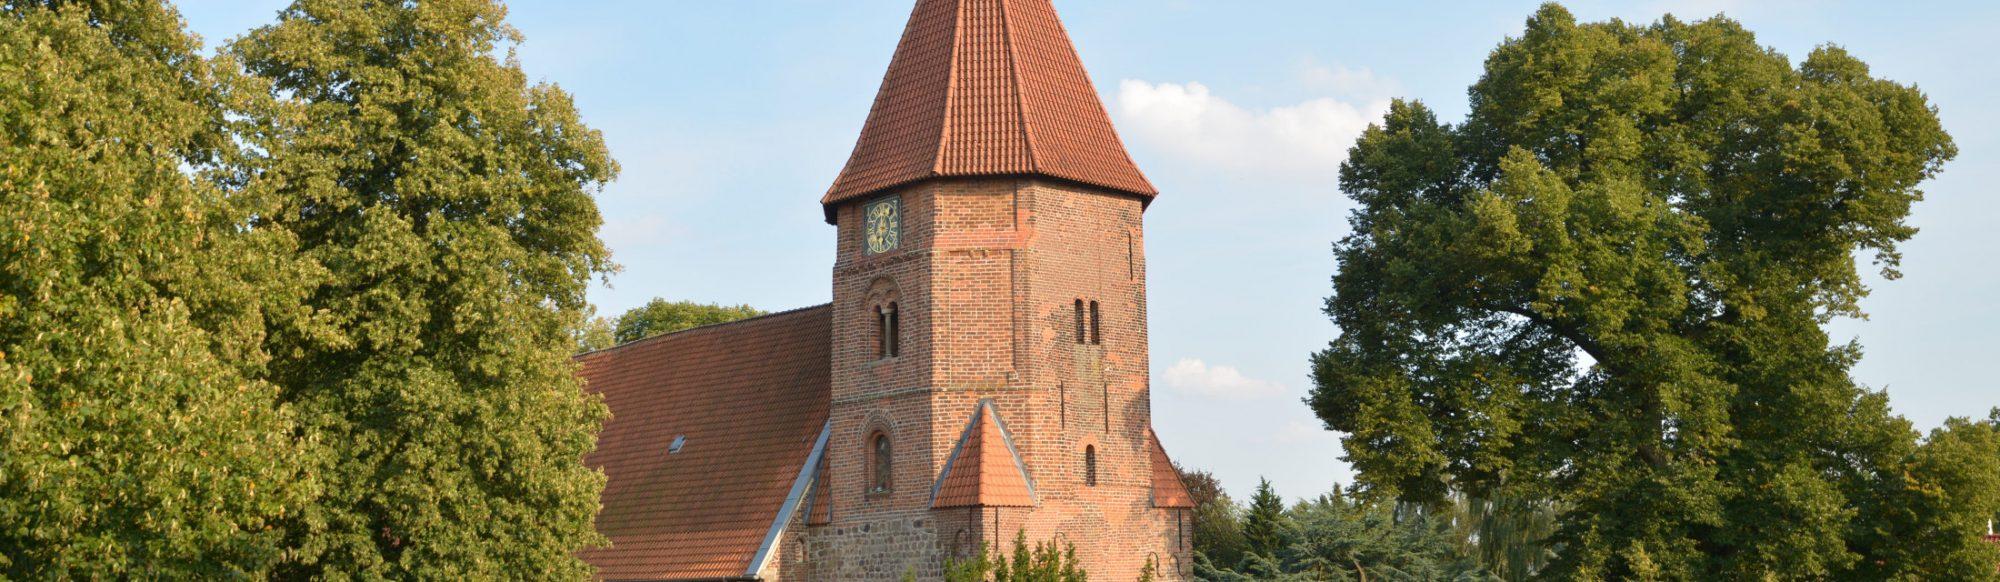 Ansicht der St. Laurentius-Kirche in Achim